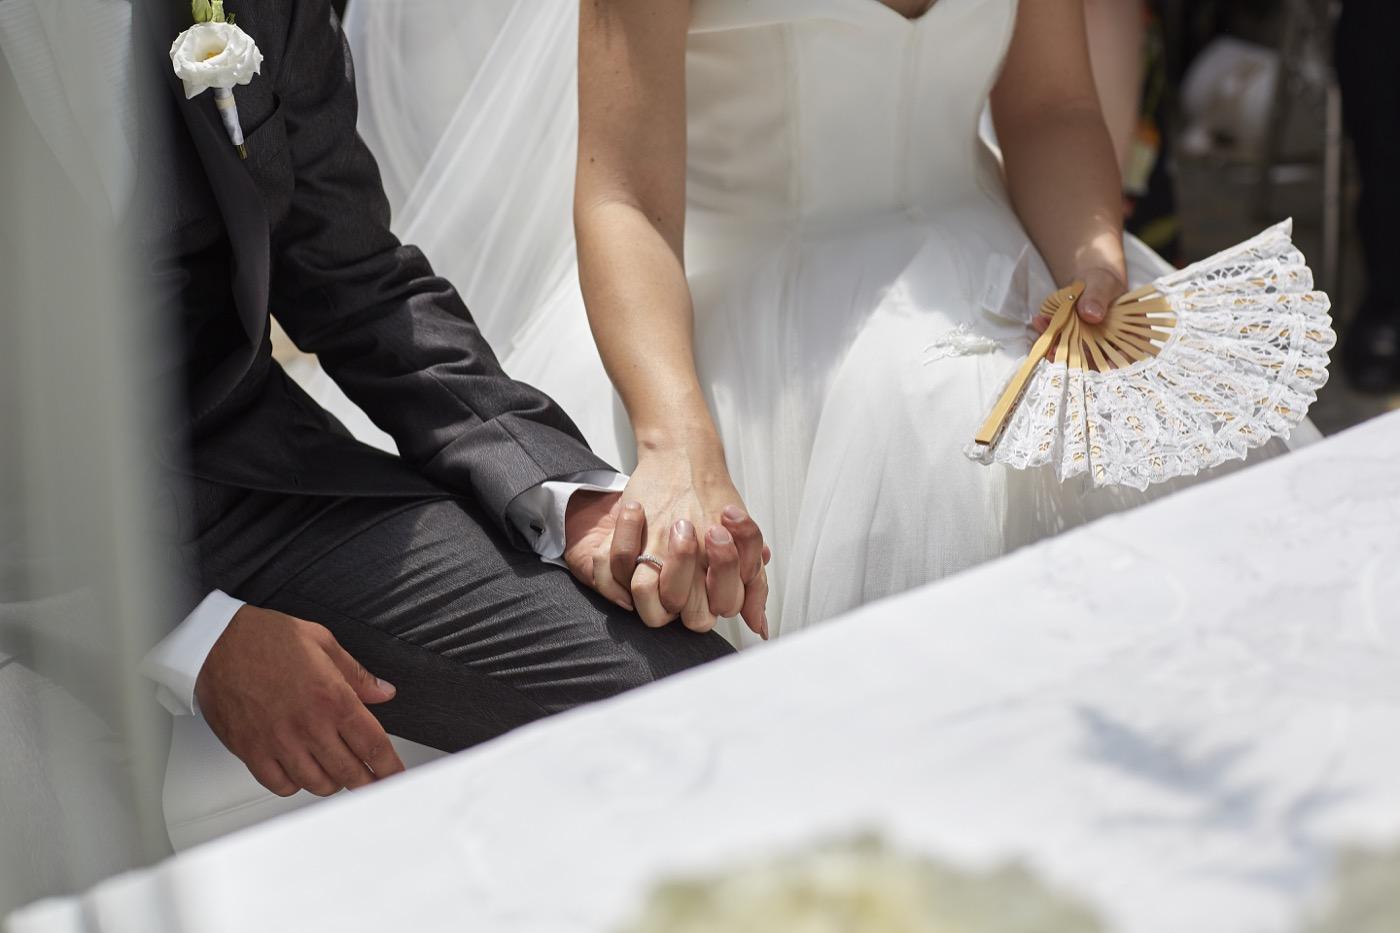 Claudio-Coppola-wedding-photographer-villa-del-cardinale-rocca-di-papa-castel-gandolfo-31